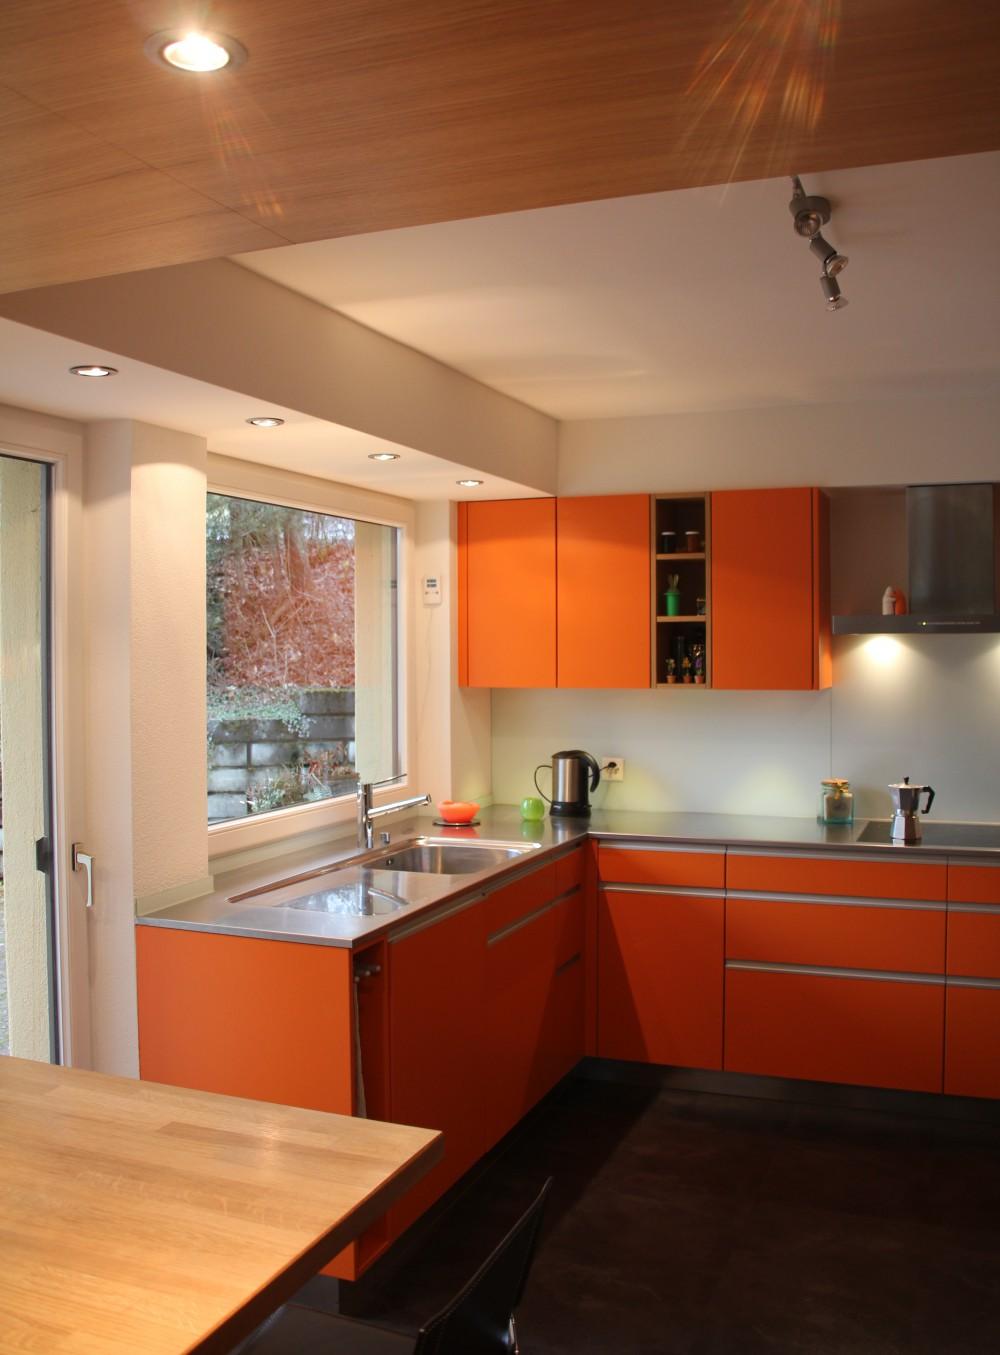 renovation-de-la-cuisine-dune-maison-a-tramelan-61-840-4